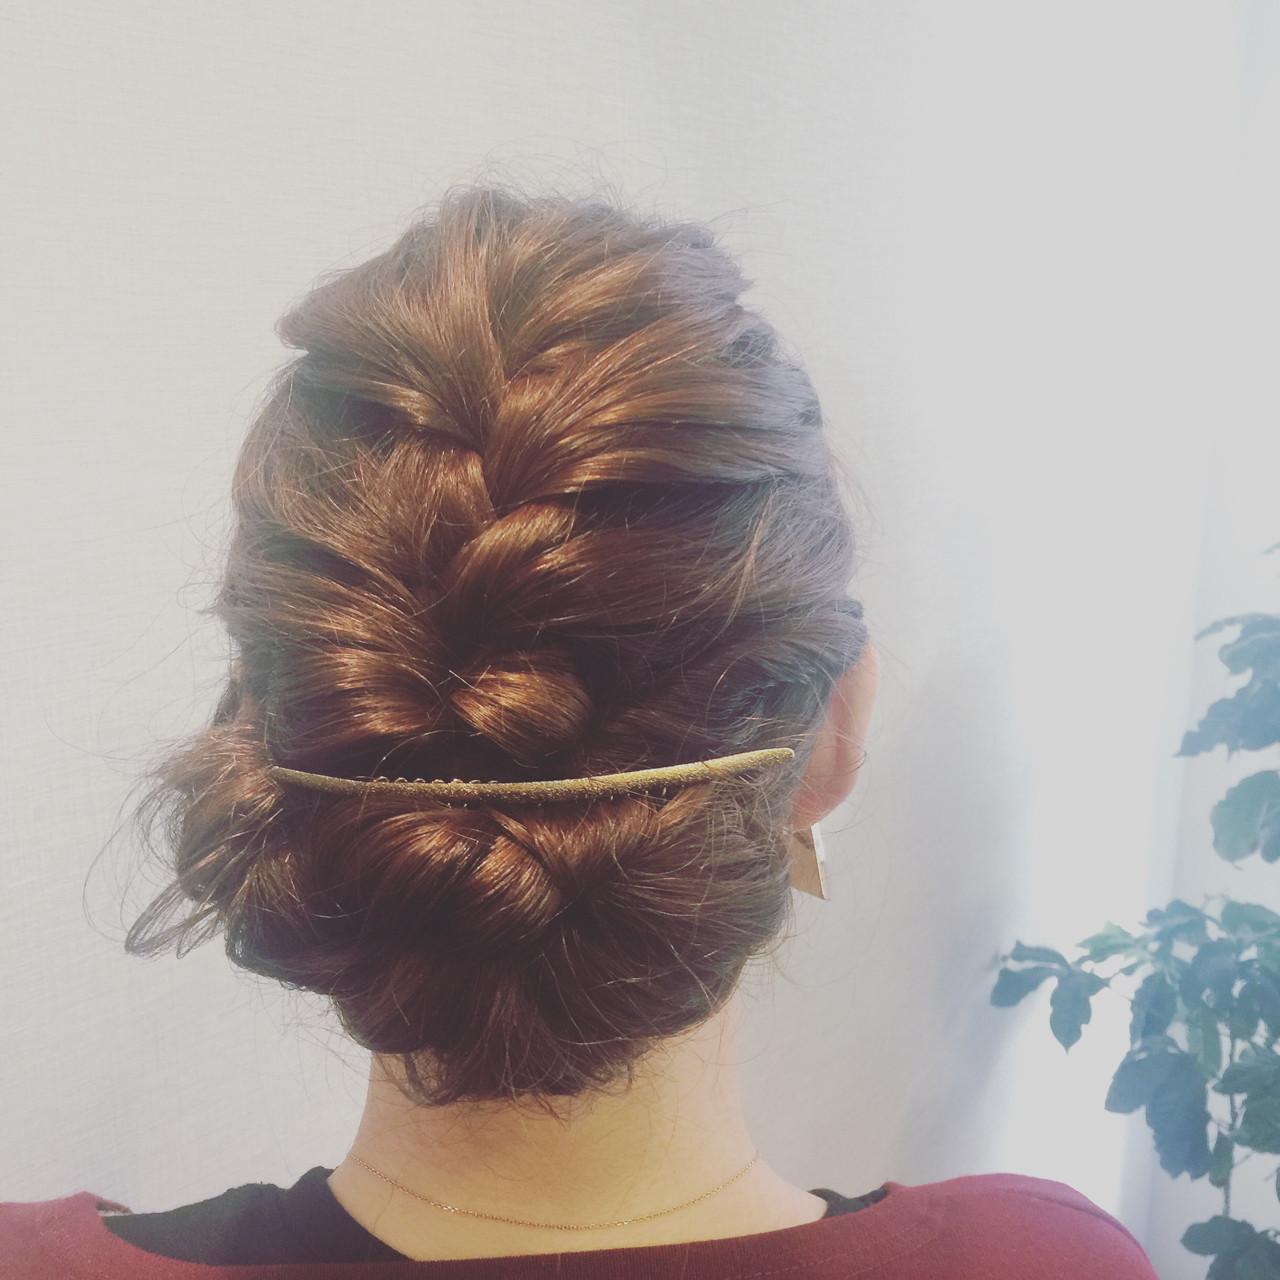 簡単ヘアアレンジ 大人かわいい 結婚式 ミディアム ヘアスタイルや髪型の写真・画像 | mika / anteprima